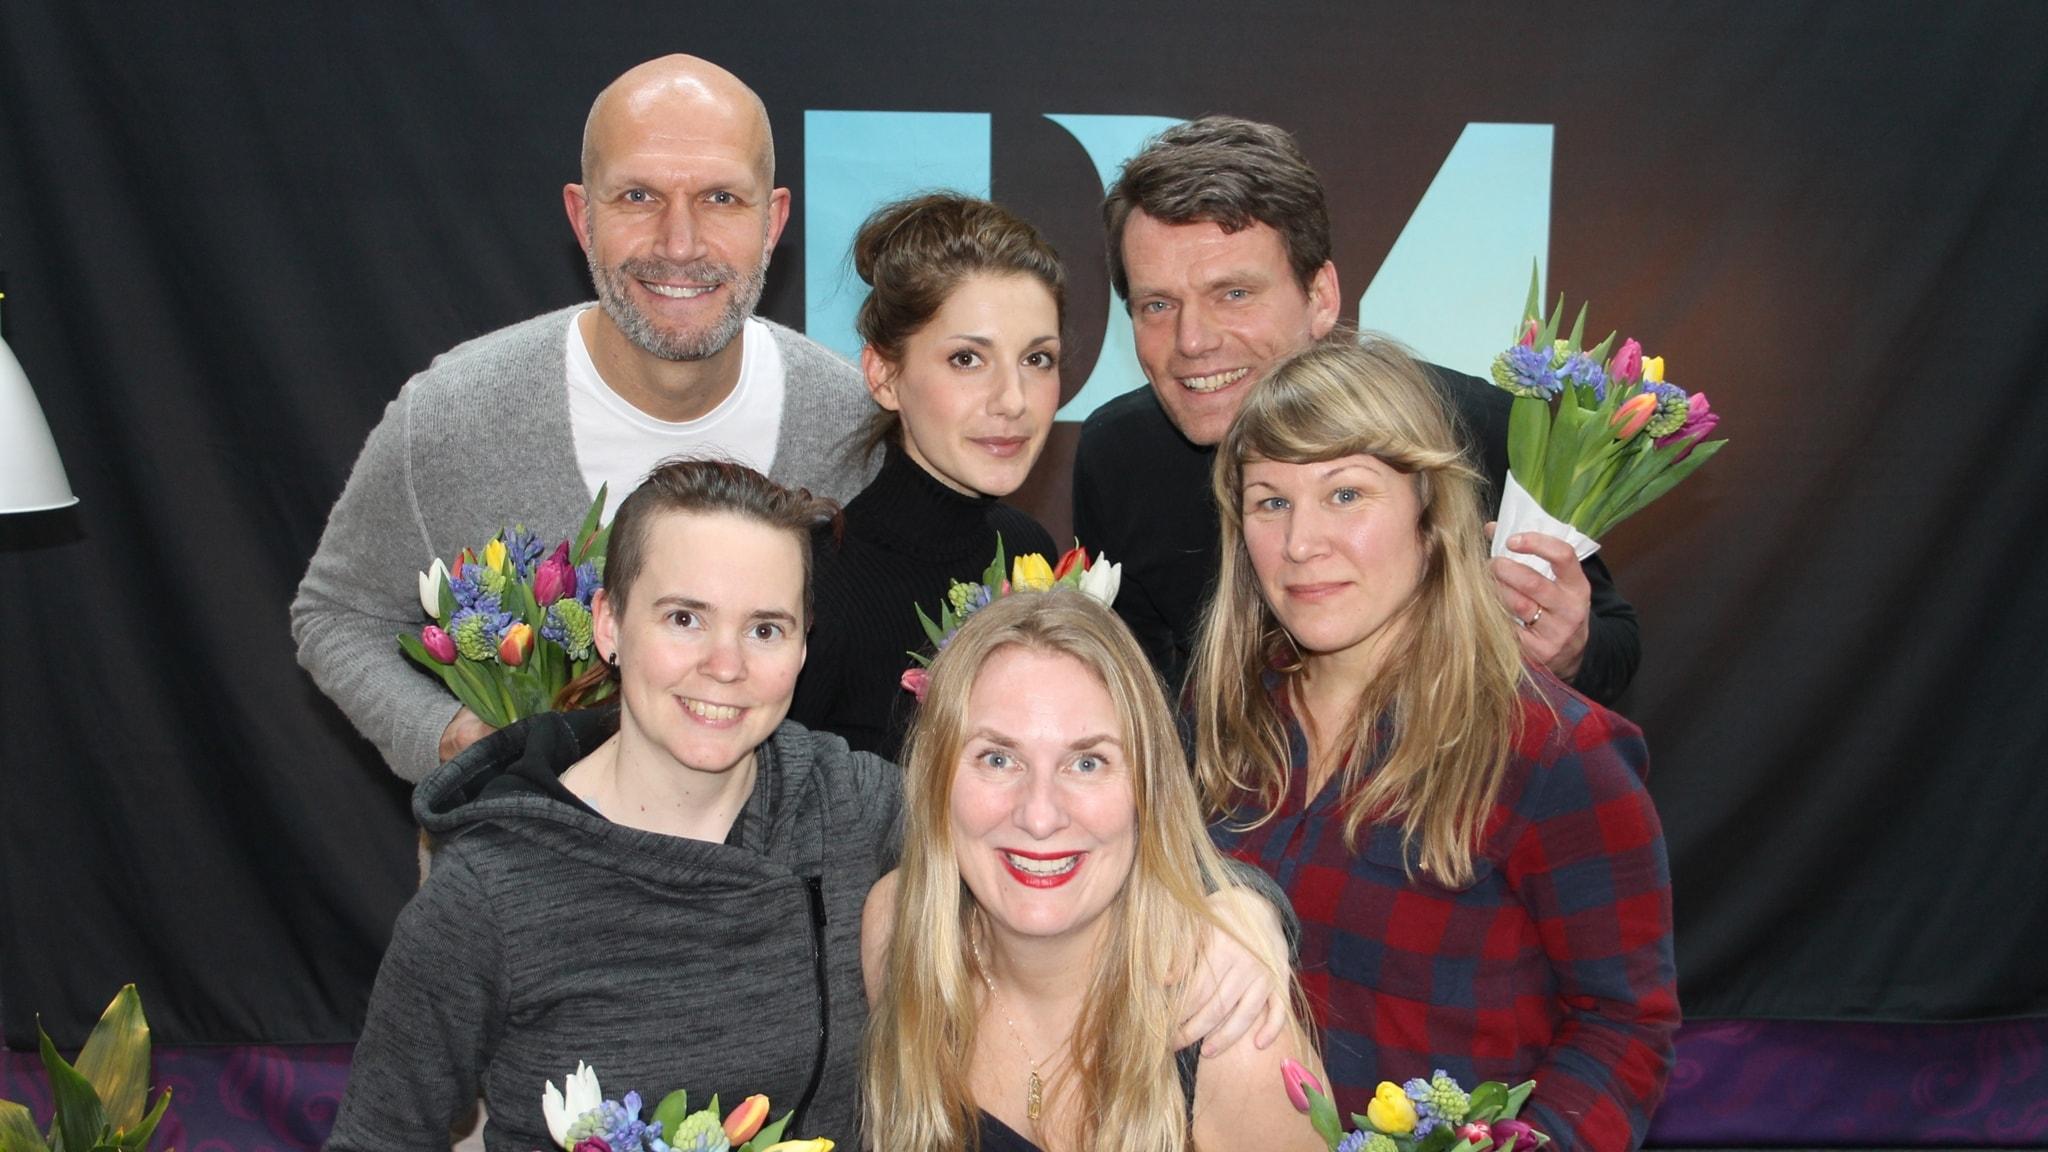 Henrik Hjelt, Nina Zanjani, Mattias Konnebäck, Sara Lövestam, Annika Lantz och Jenny Andreasson.